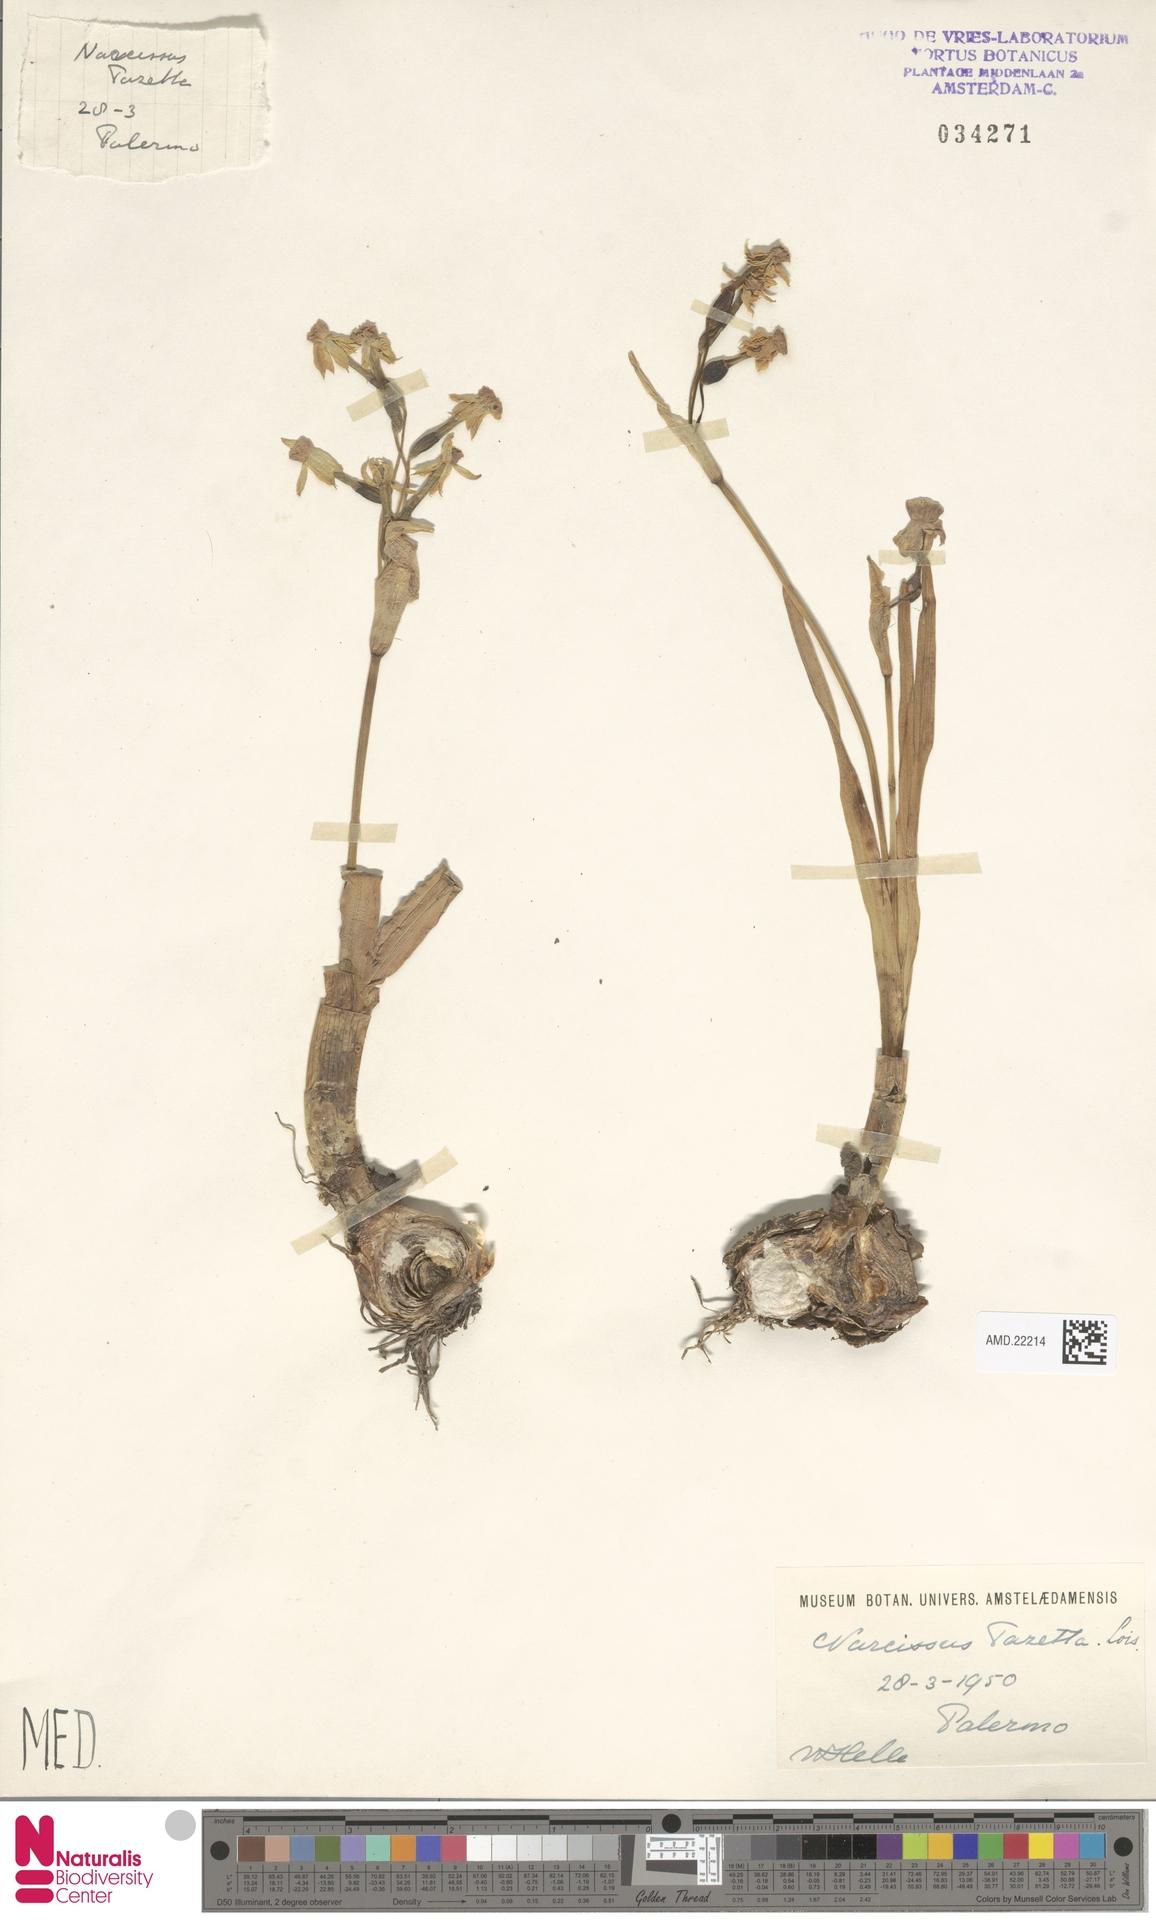 AMD.22214 | Narcissus tazetta L.